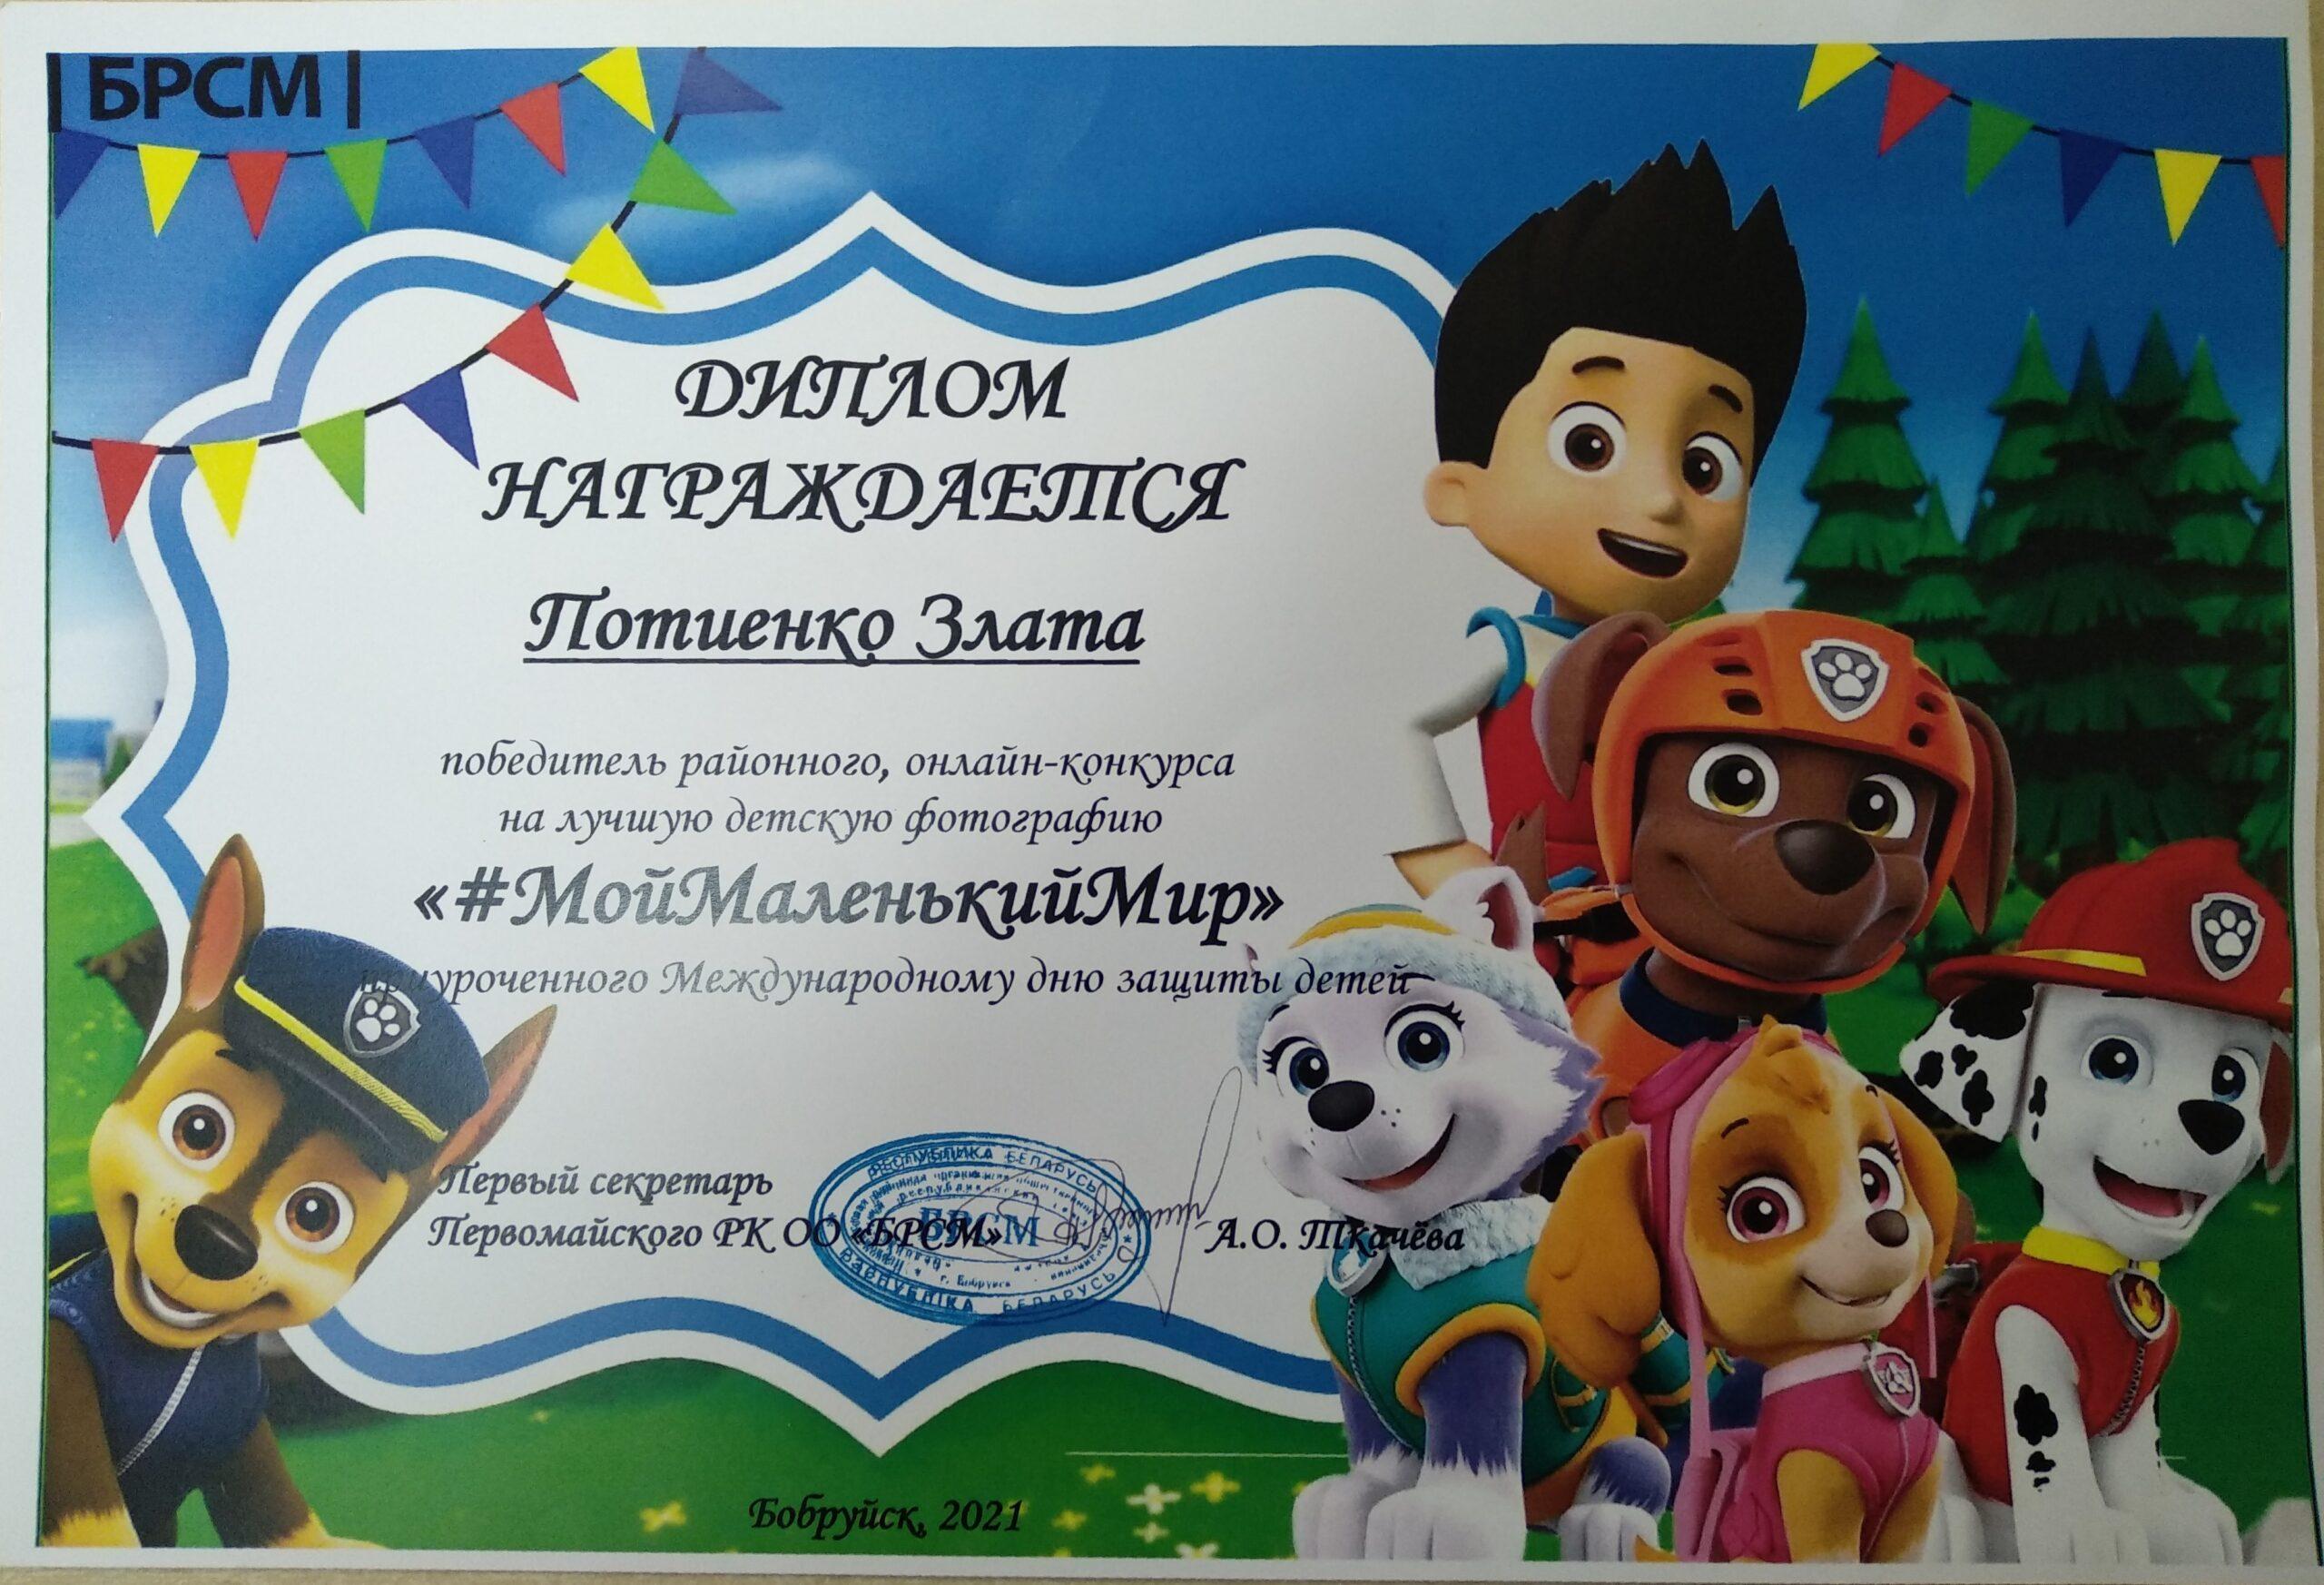 Kонкурс на лучшую детскую фотографию «#Мой МаленькийМир»